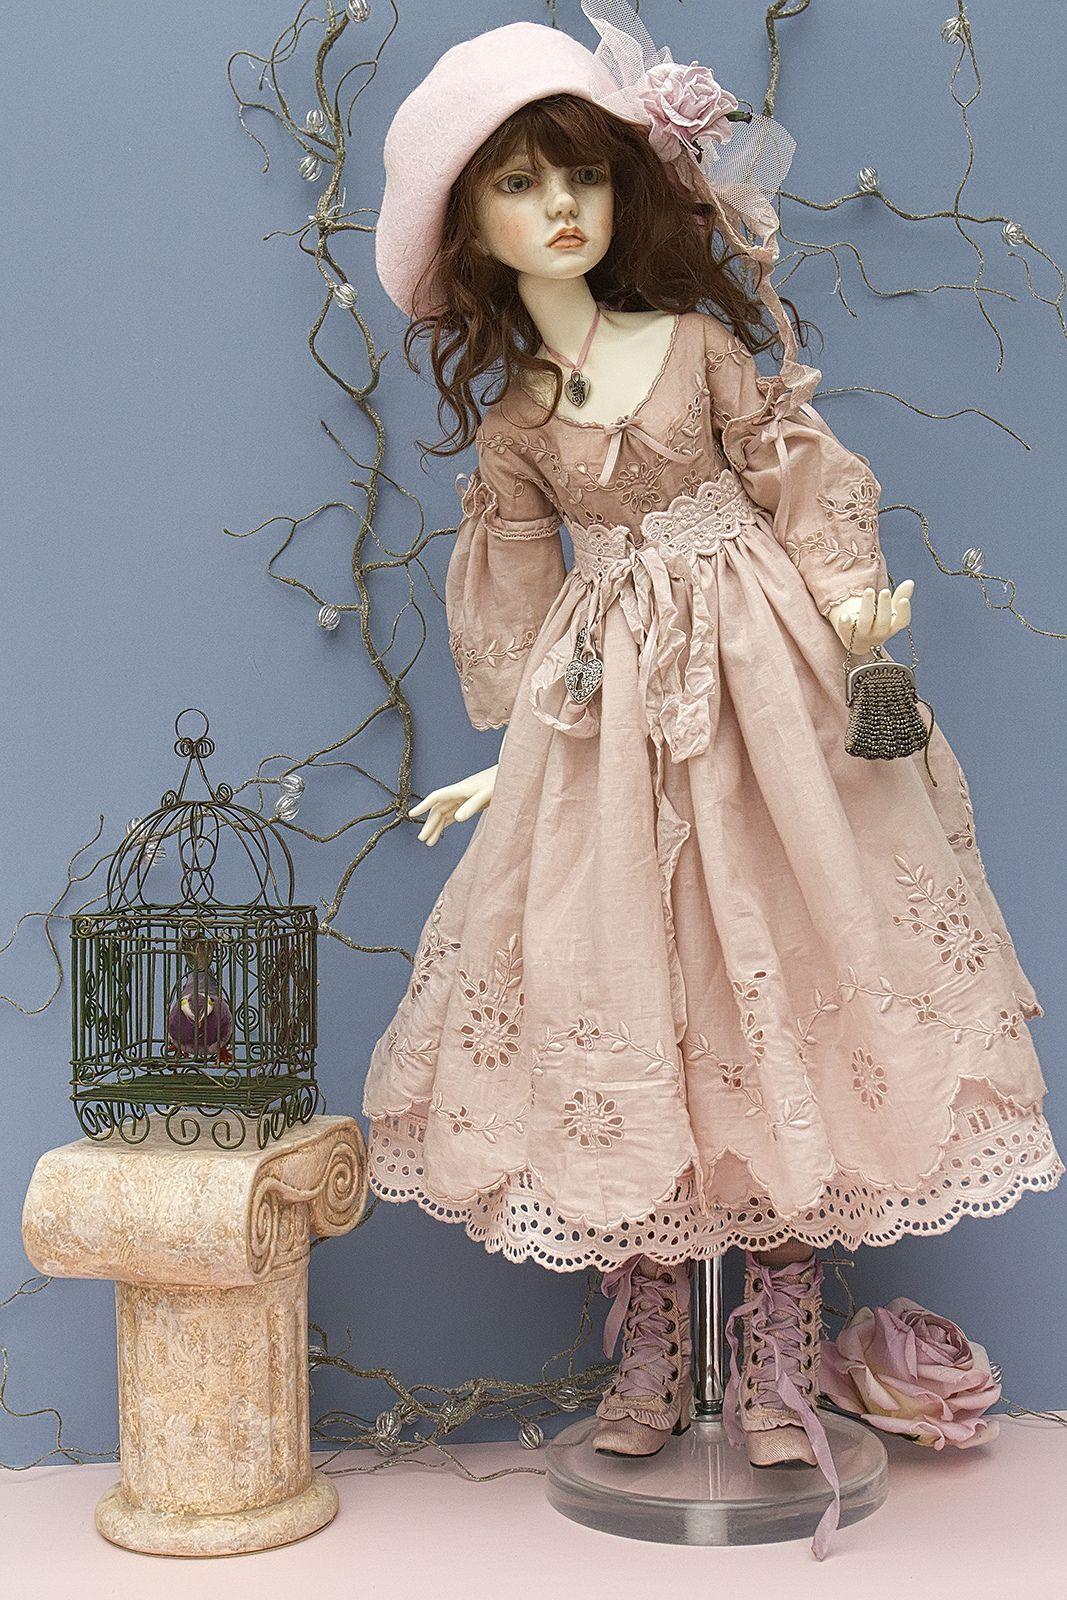 мафия отлично фото одежда для кукол в винтажном стиле актеры